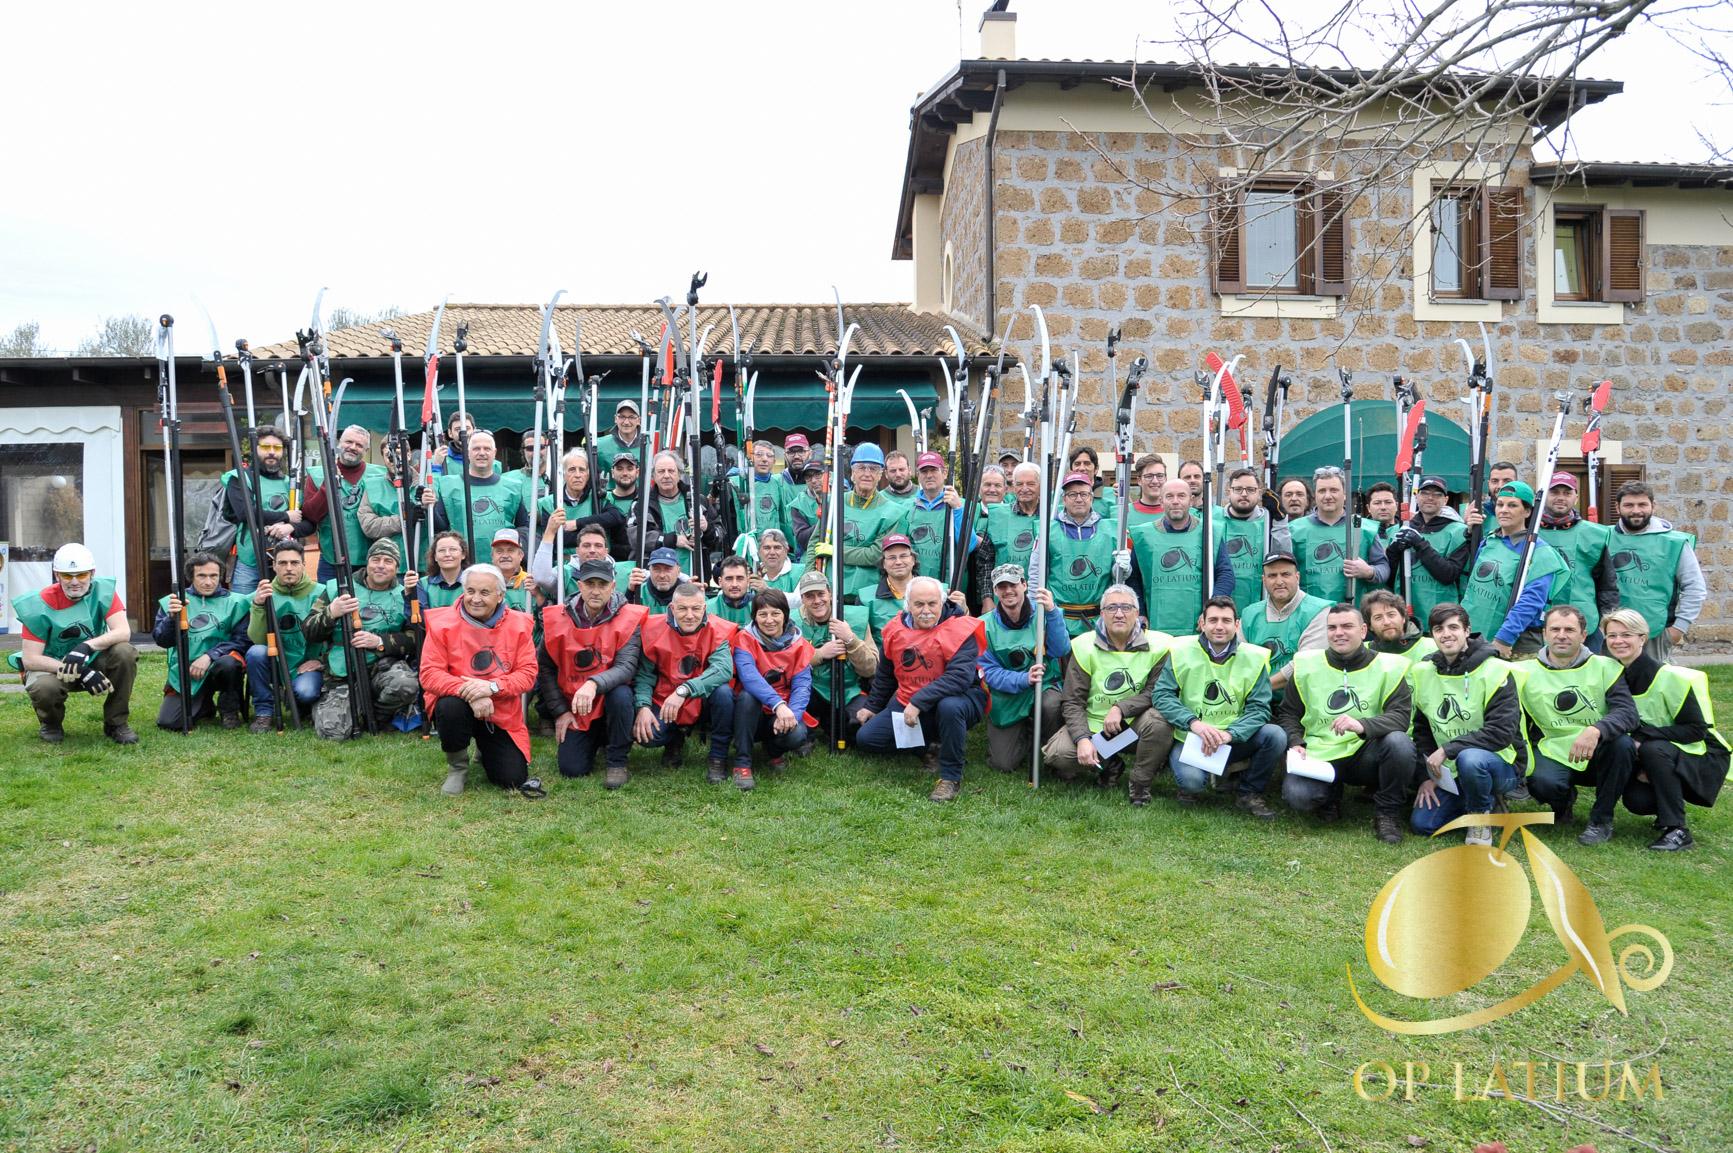 Classifica finale dell'XI Campionato regionale Lazio di potatura a vaso policonico svolto a Vetralla (VT) il 17 marzo 2018